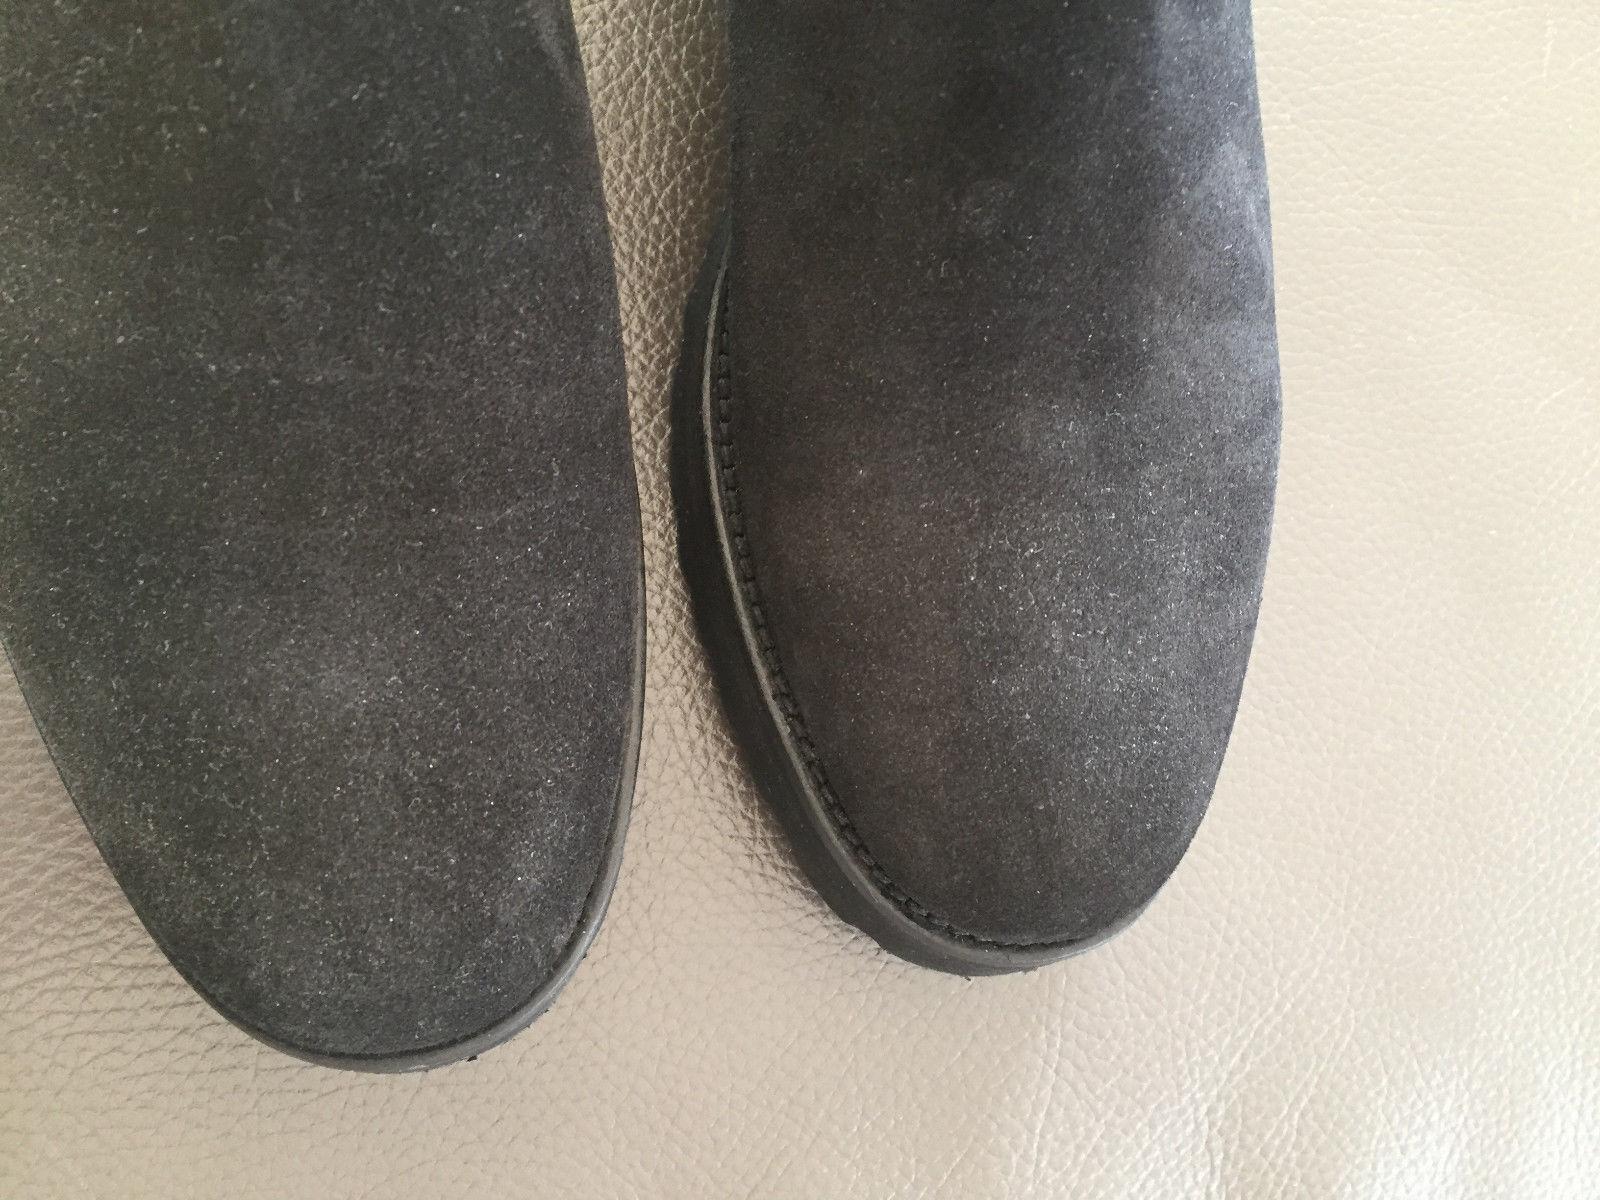 Damen Chelsea Stiefel, Schuhe, Marke Marke Marke Sergio Rocco, schwarz, Velourleder, Gr. 38,5 467594